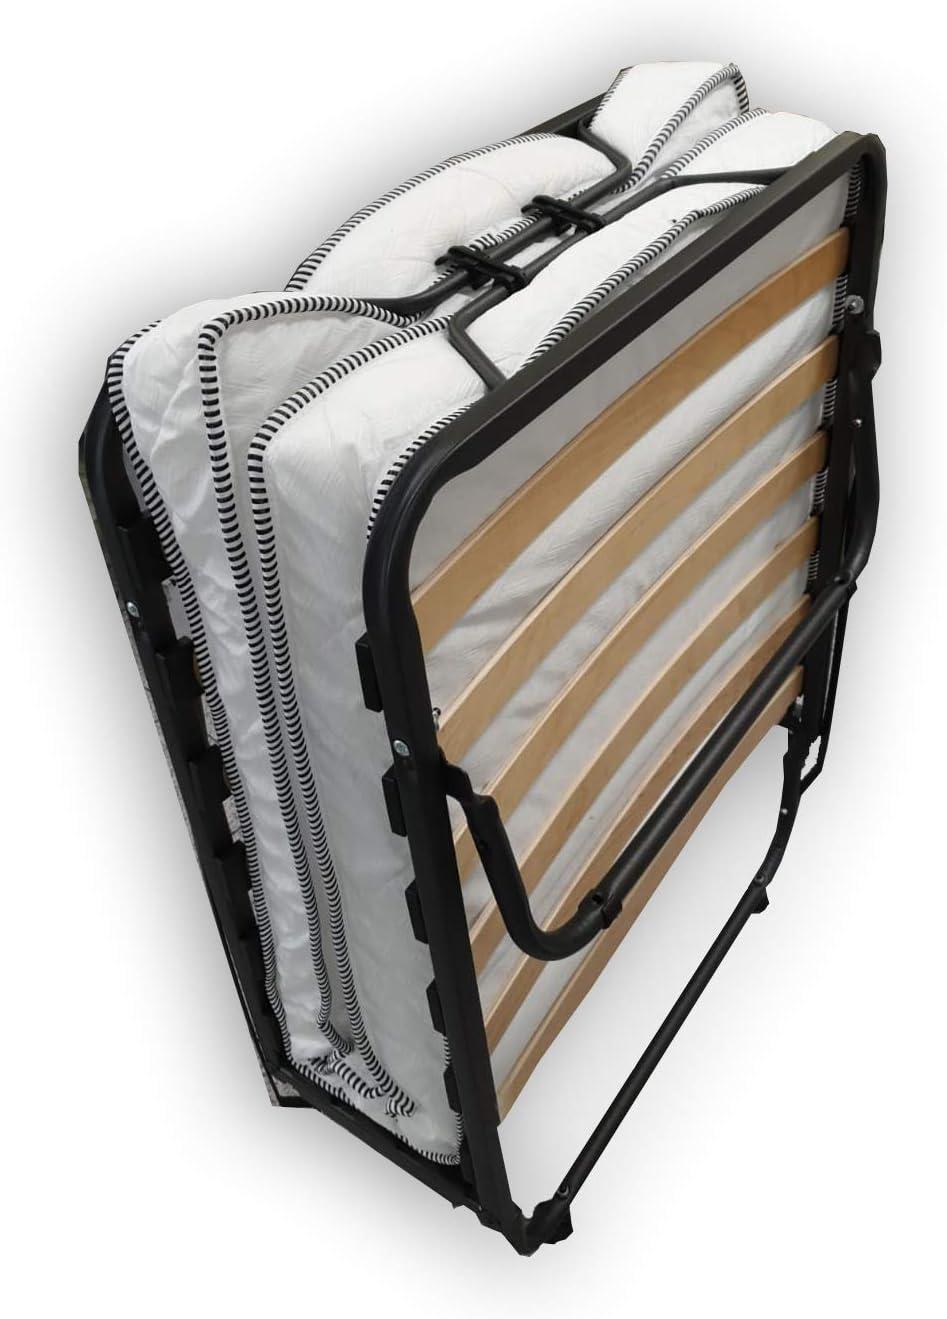 Alanpur® Cama plegable: 80 x 190 cm, cama de invitados con colchón, cama plegable con marco de metal estable hasta aprox. capacidad de carga: 100kg